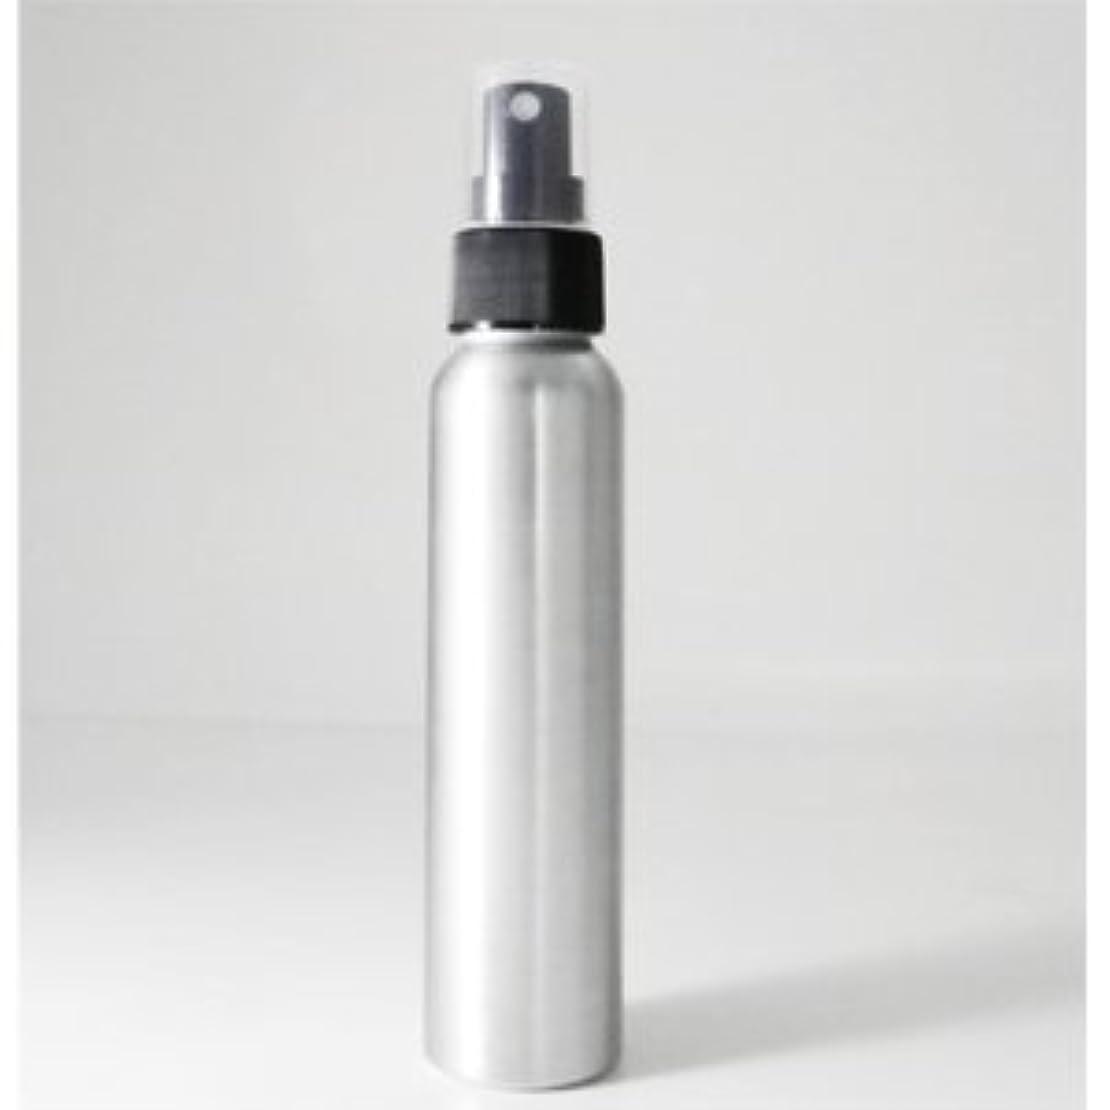 繁雑散文クロニクルアルミボトル スプレー容器 100ml 【手作り化粧品容器】